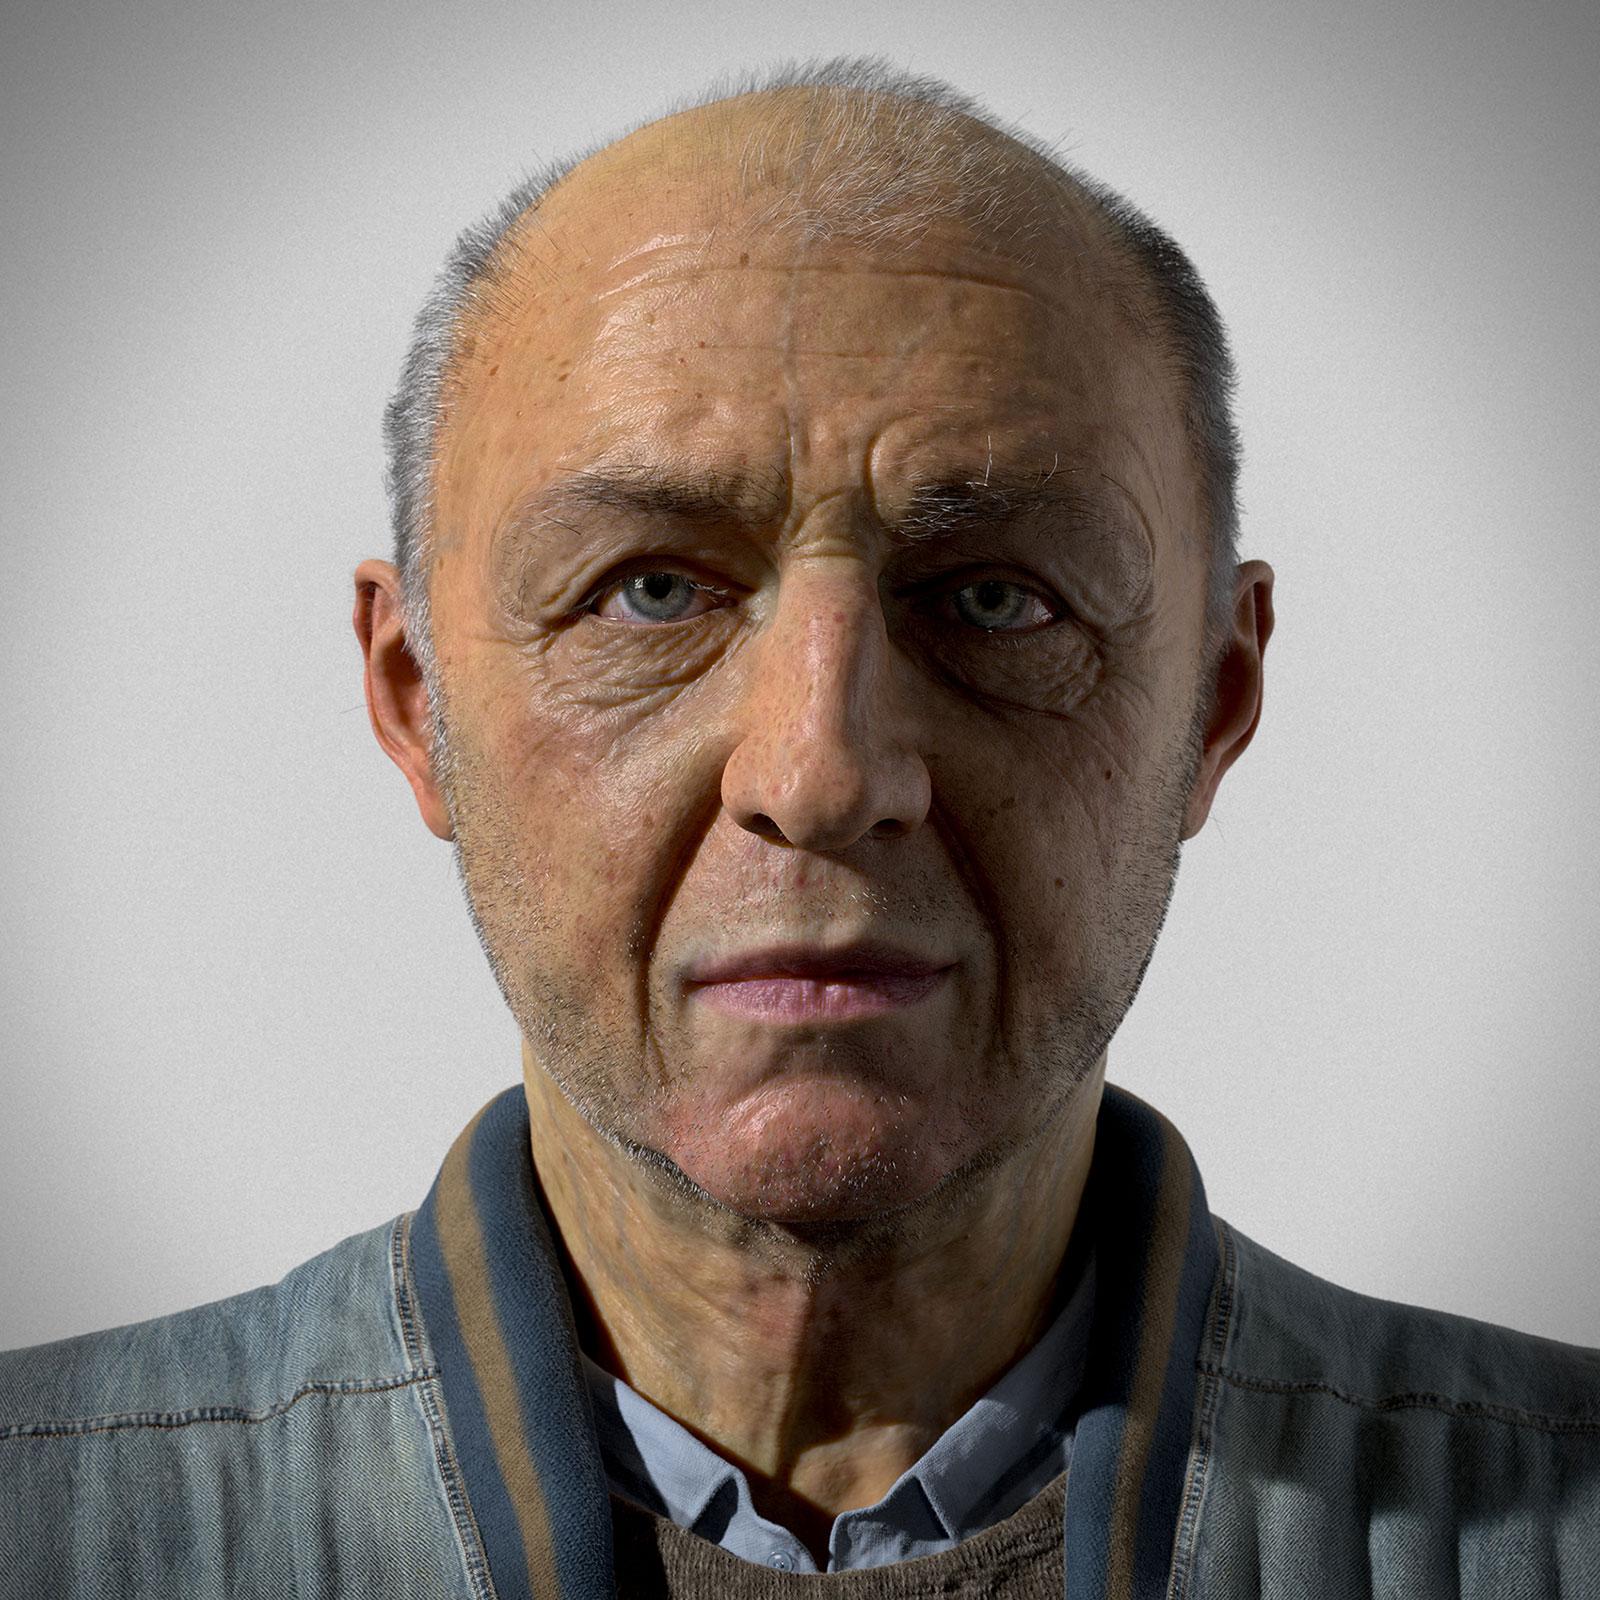 elderly man portrait - photo #8